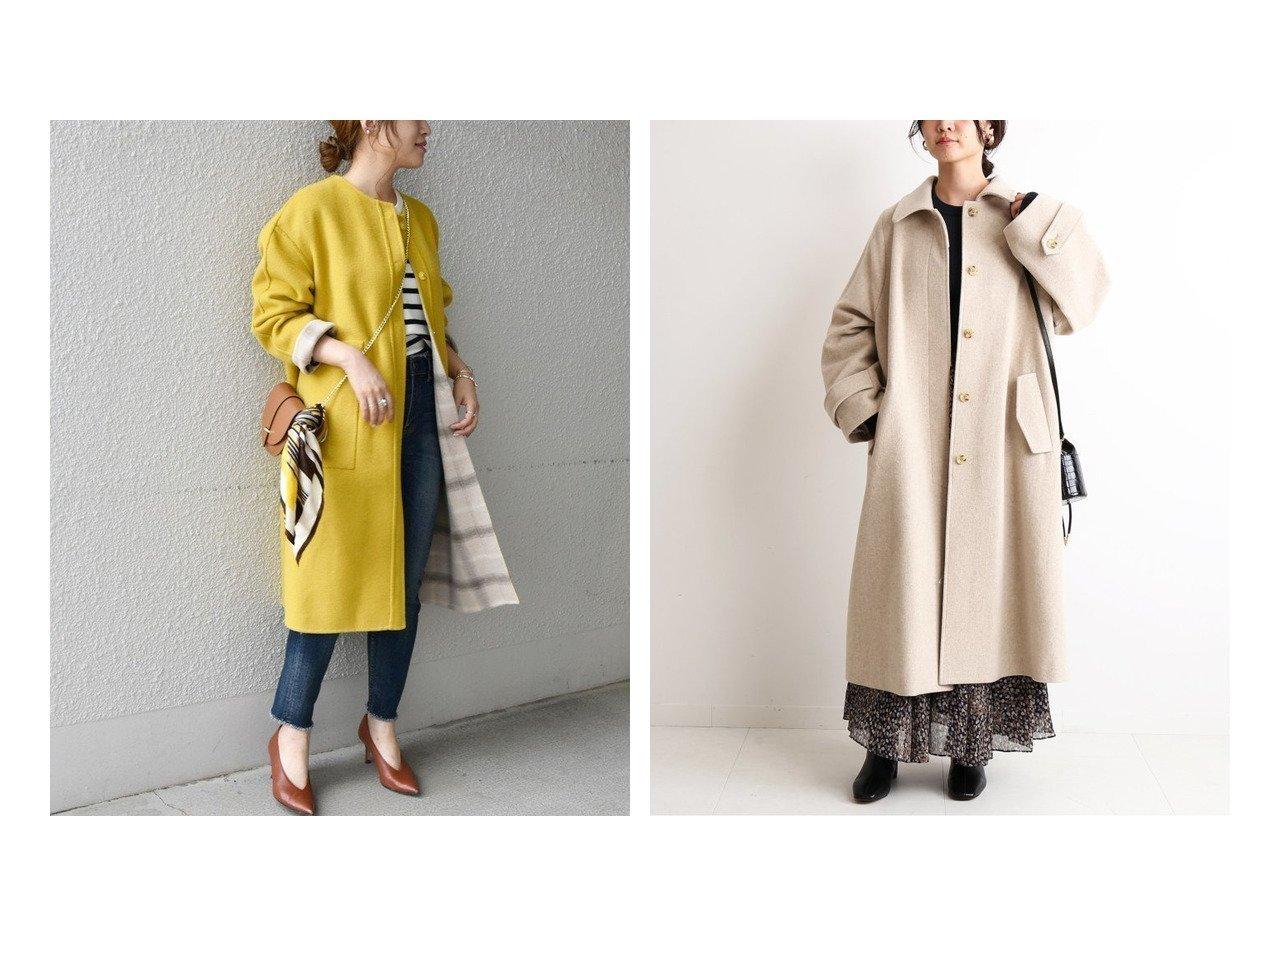 【SLOBE IENA/スローブ イエナ】のSUPER100 ステンカラーコート&【SHIPS any/シップス エニィ】のSHIPS any リバーチェックノーカラーコート アウターのおすすめ!人気、レディースファッションの通販  おすすめで人気のファッション通販商品 インテリア・家具・キッズファッション・メンズファッション・レディースファッション・服の通販 founy(ファニー) https://founy.com/ ファッション Fashion レディース WOMEN アウター Coat Outerwear コート Coats スタンダード チェック デニム フロント 無地 リバーシブル ストライプ 定番 バランス フェミニン 秋冬 A/W Autumn/ Winter |ID:crp329100000002330